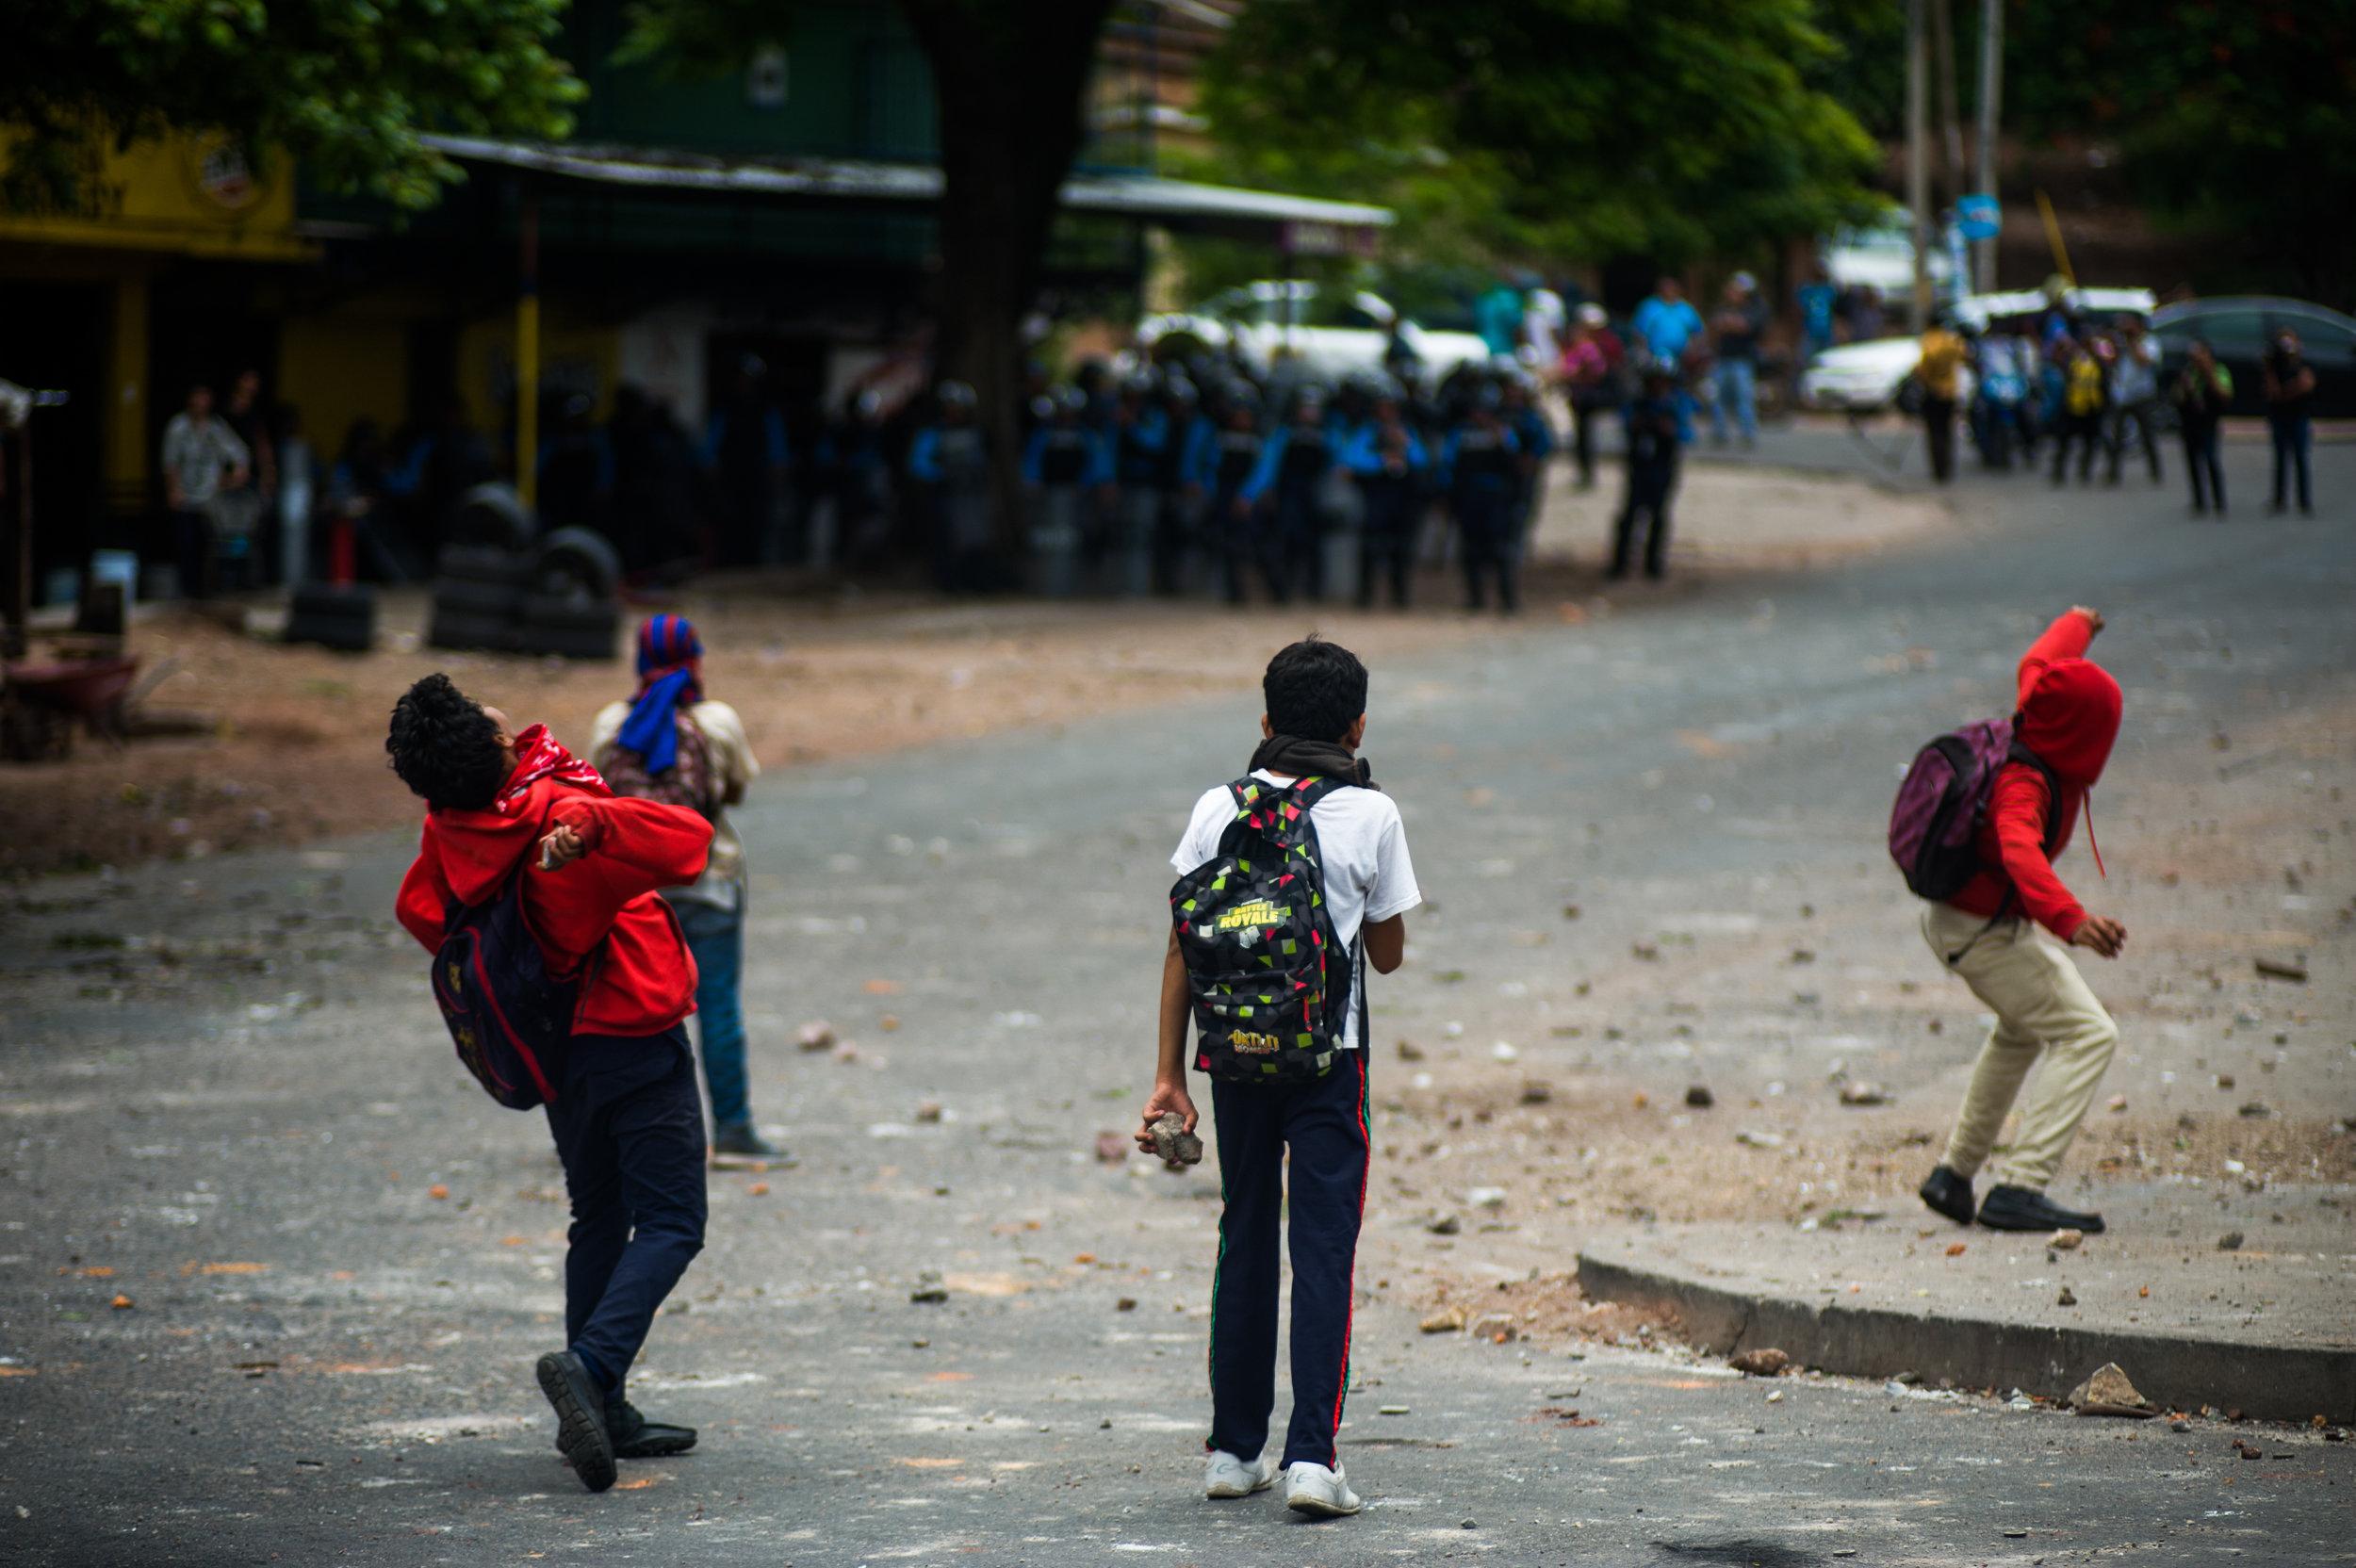 Adolescentes y jóvenes se defienden de la Policía Nacional y el Ejercito de Honduras que utiliza gas lacrimogeno y balas de goma contra los estudiantes. Foto: Camilo Freedman/La Crónica